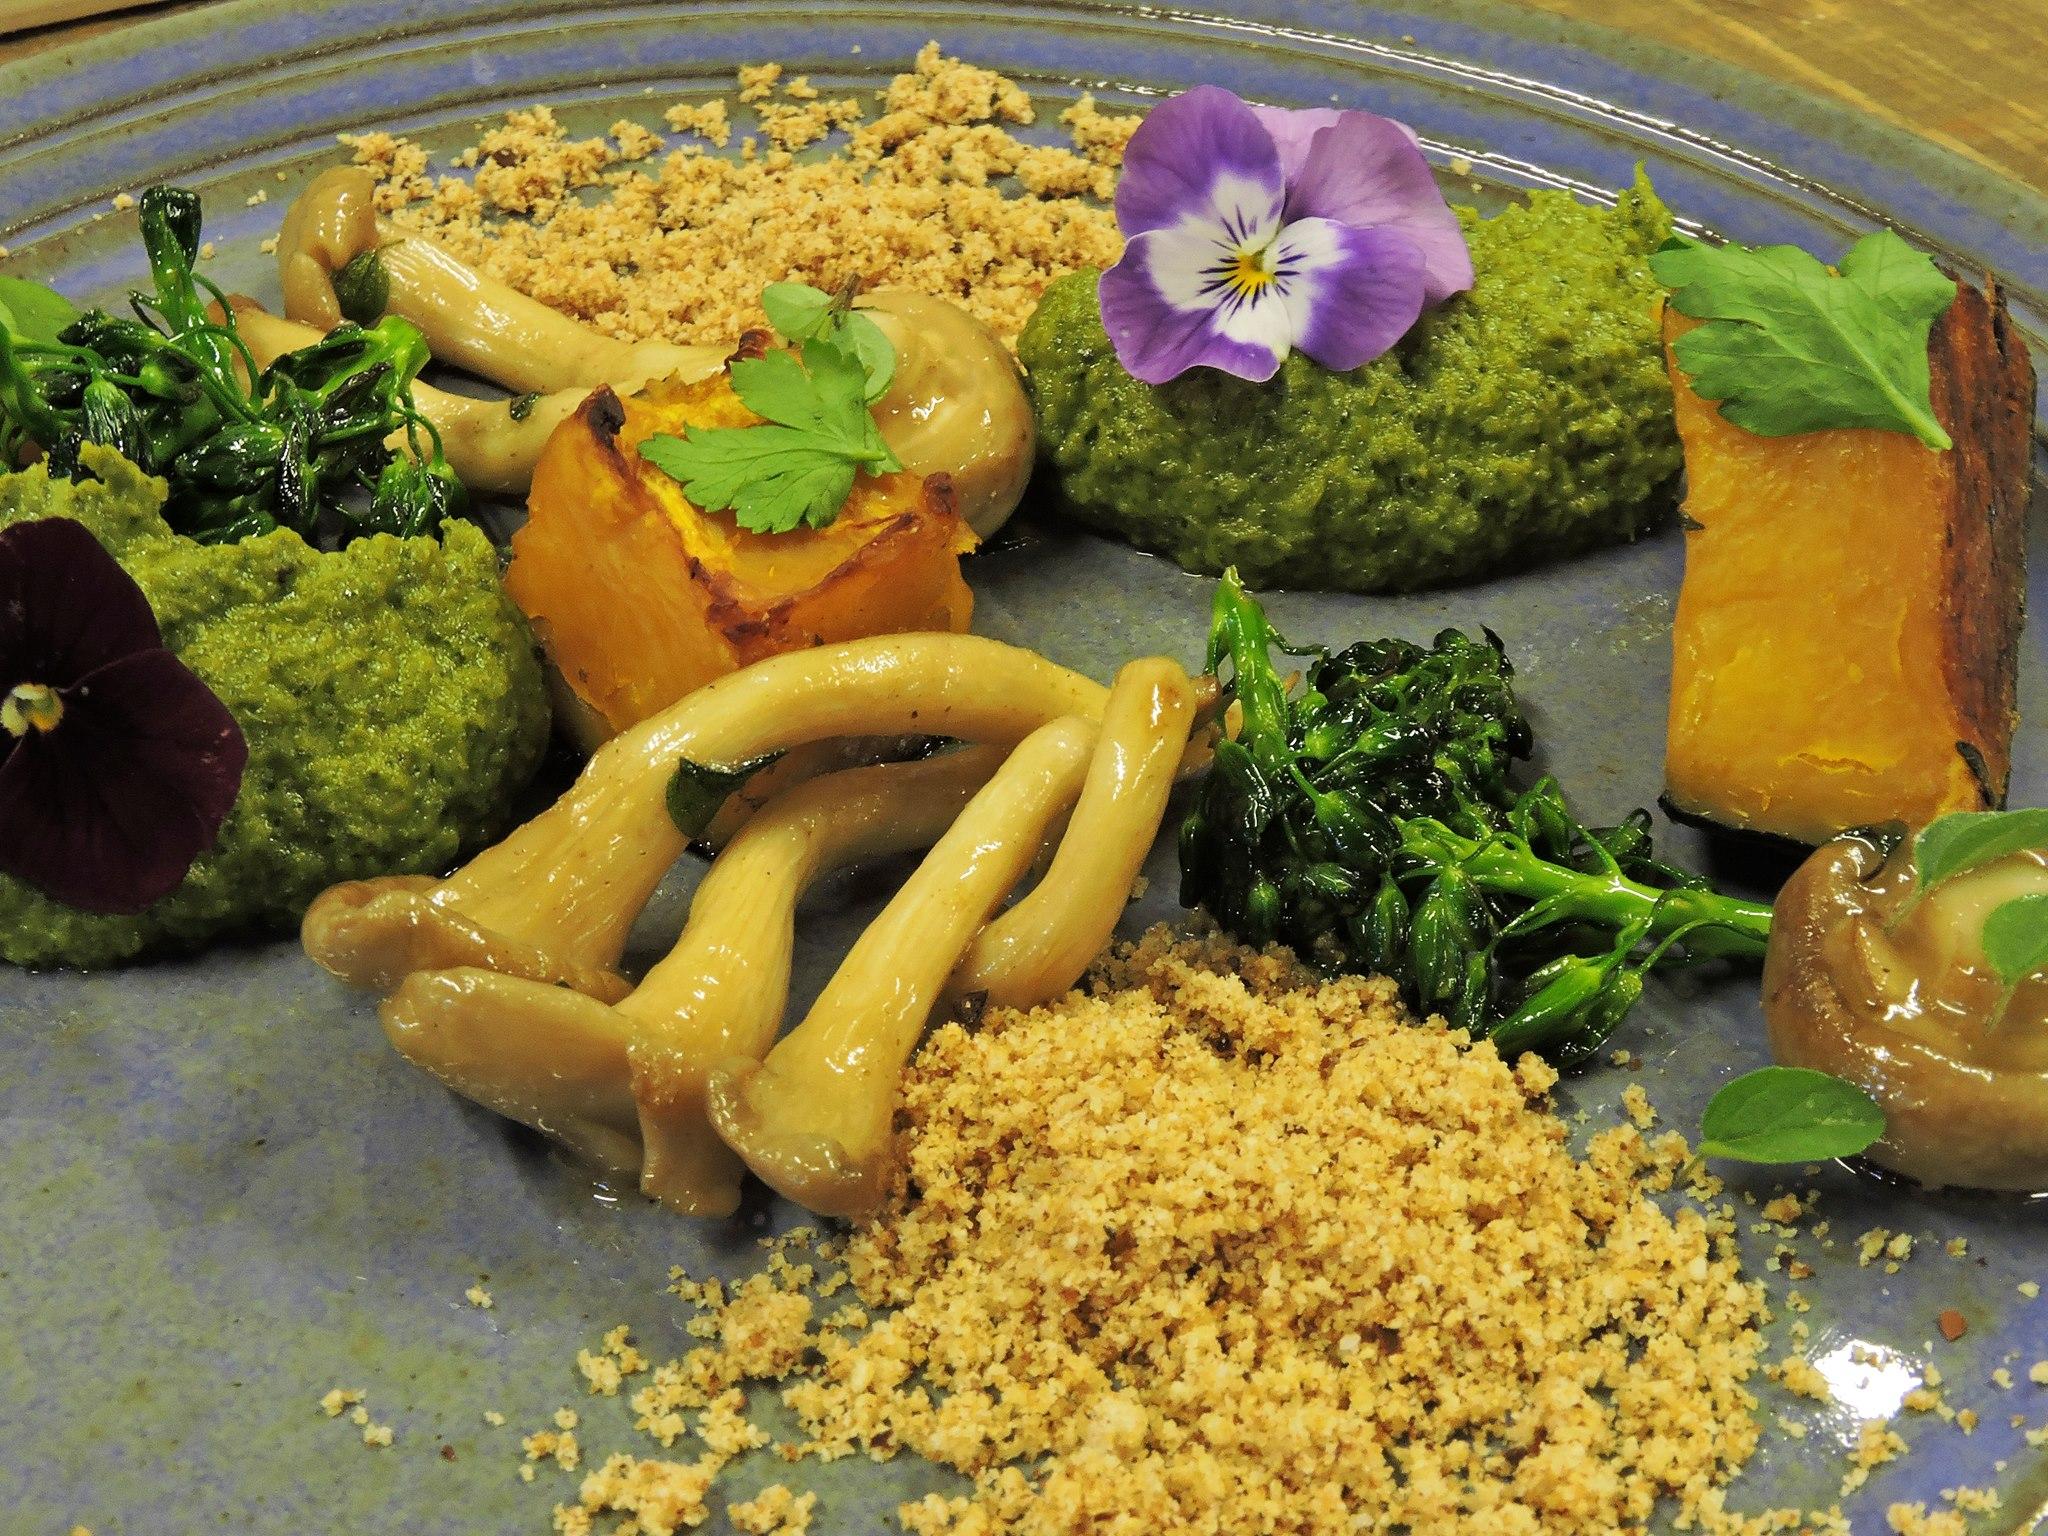 Cogumelo, abóbora e brócolis feita pelo Paladar Musical em uma segunda-feira sem carne no Coletivo Alimentar. Foto: Reprodução/Facebook